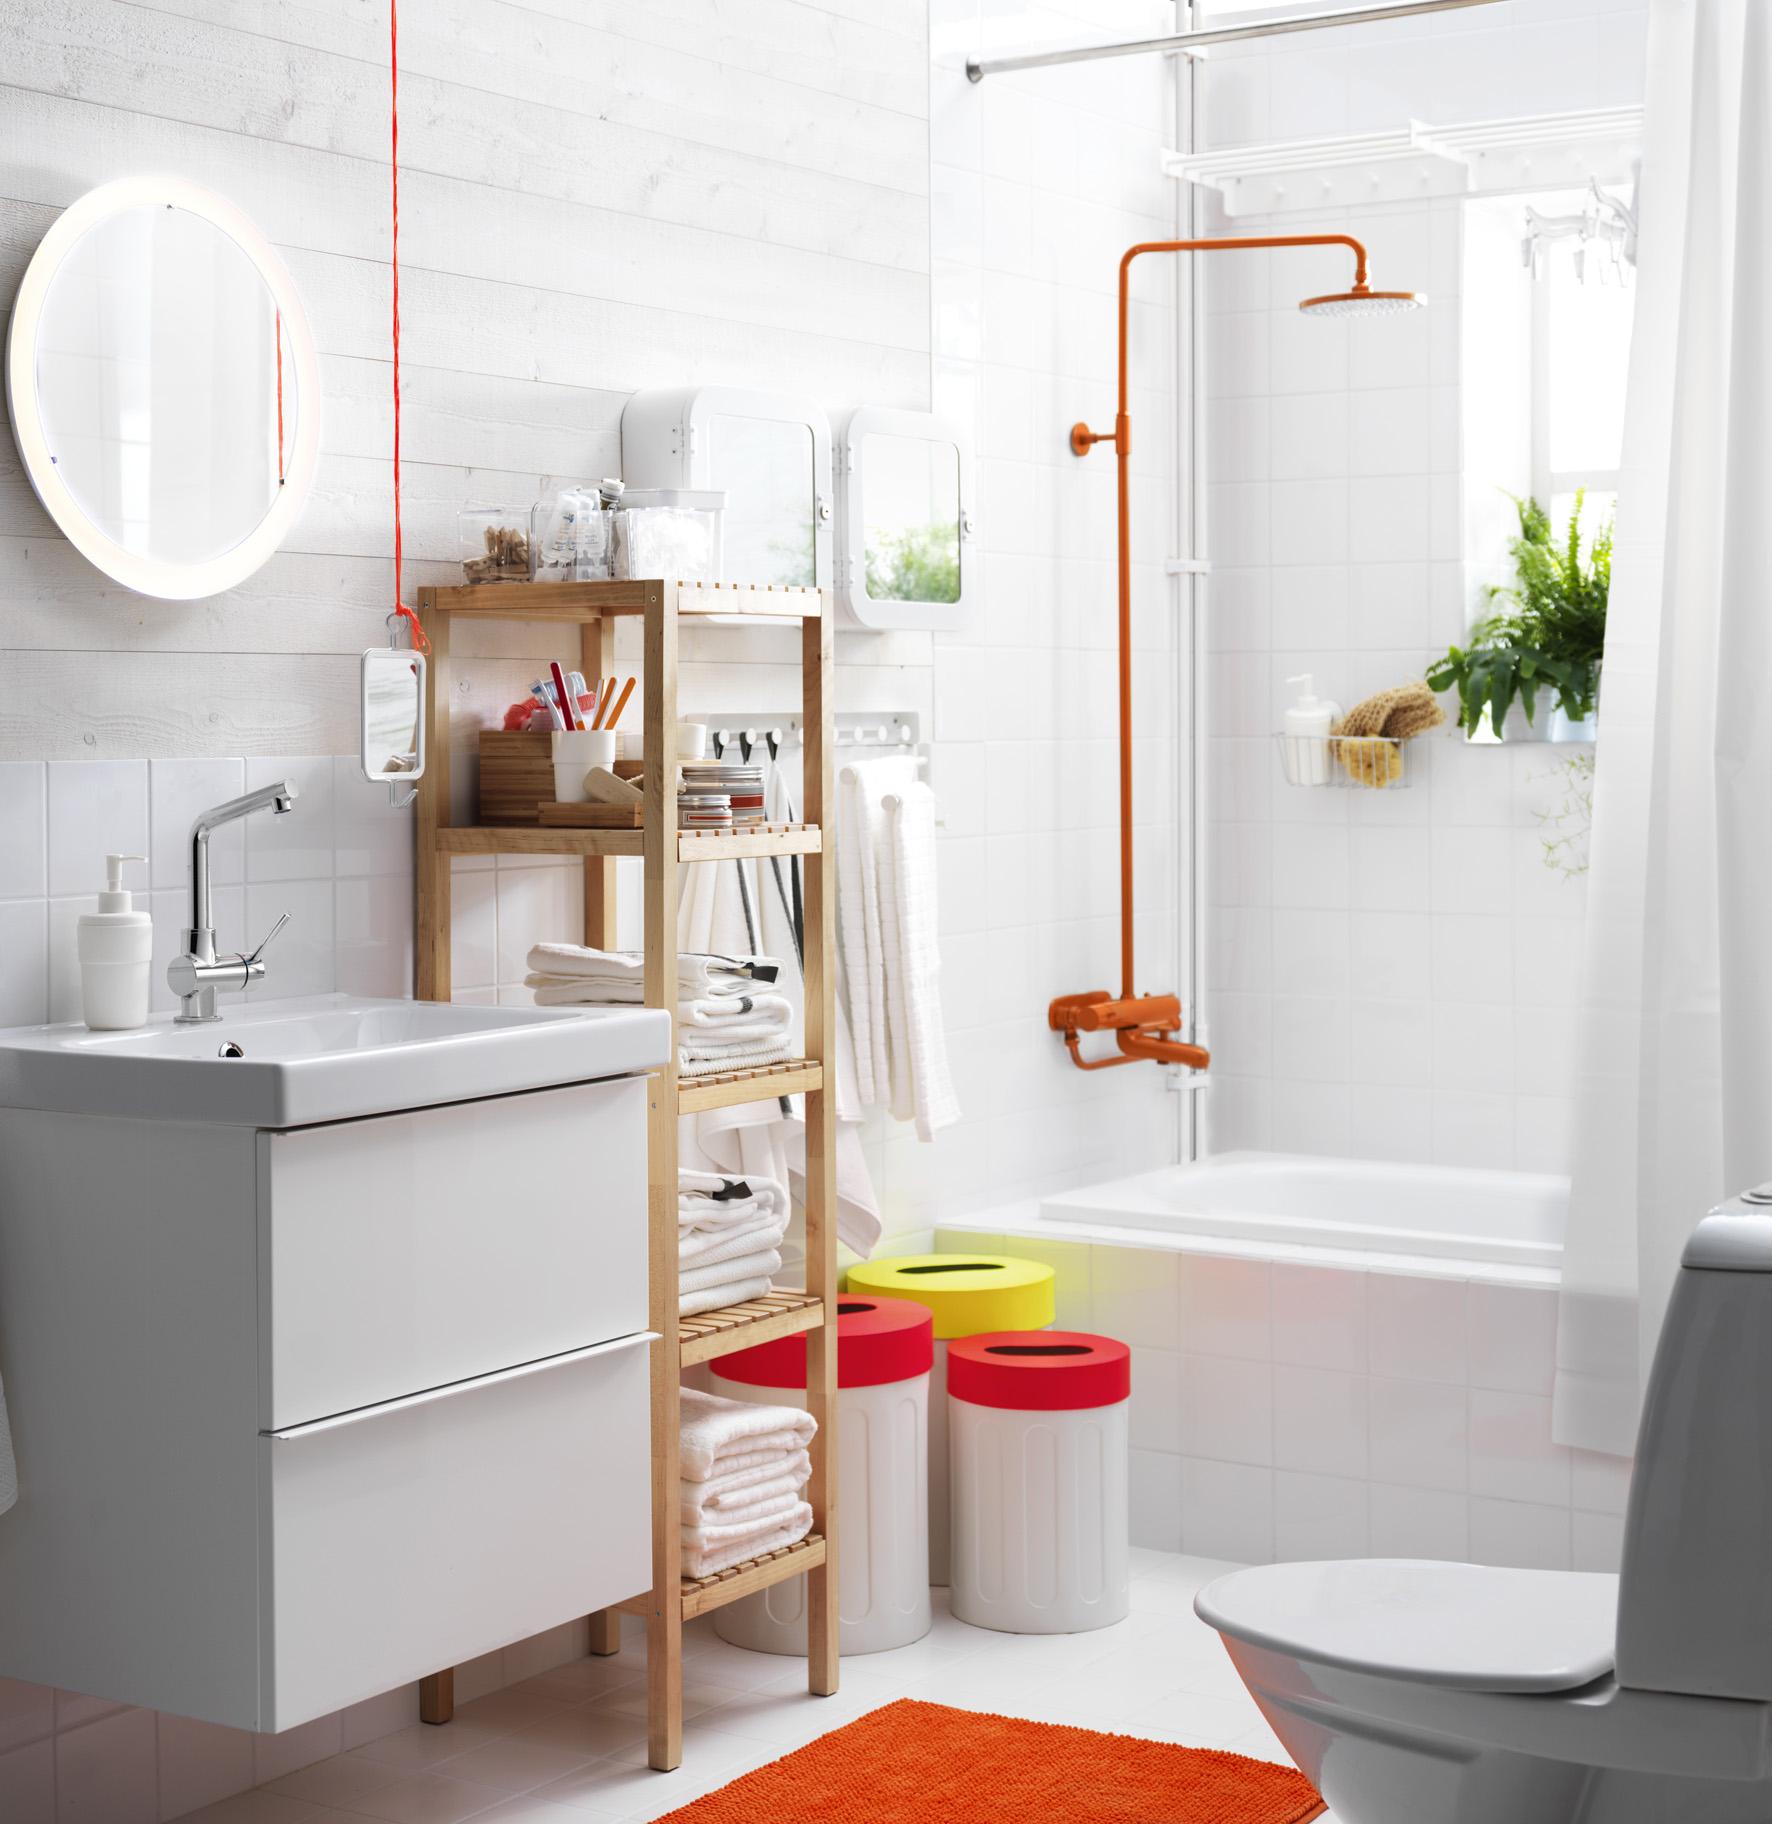 Ikea badkamer ideeën: luvern ikea badkamer idee?n.